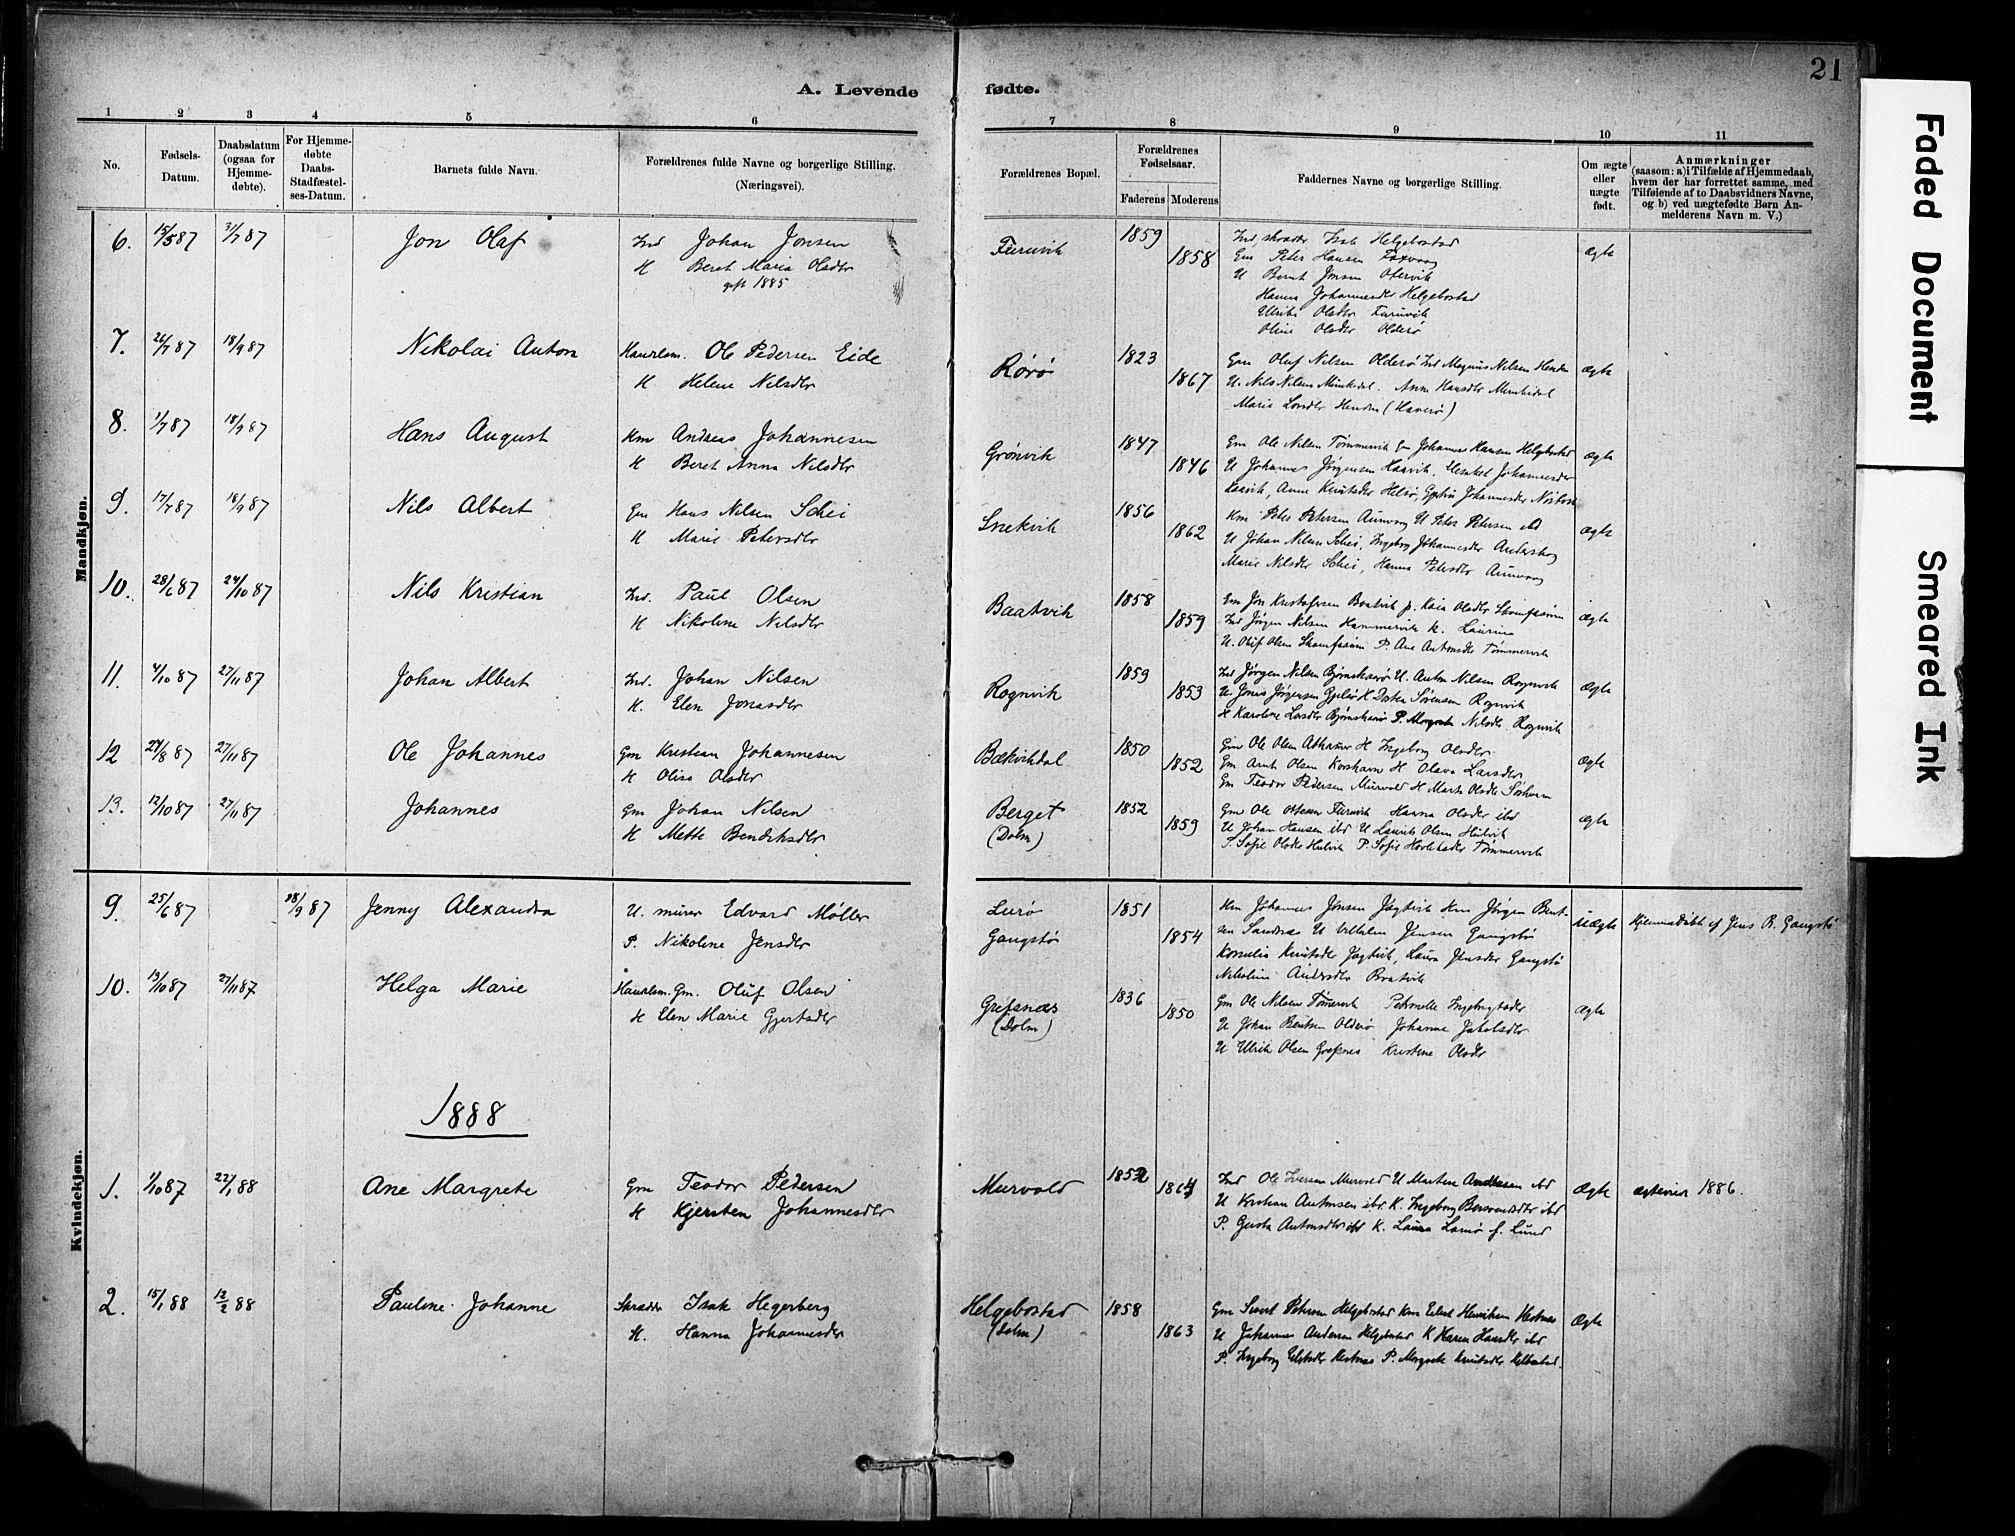 SAT, Ministerialprotokoller, klokkerbøker og fødselsregistre - Sør-Trøndelag, 635/L0551: Ministerialbok nr. 635A01, 1882-1899, s. 21